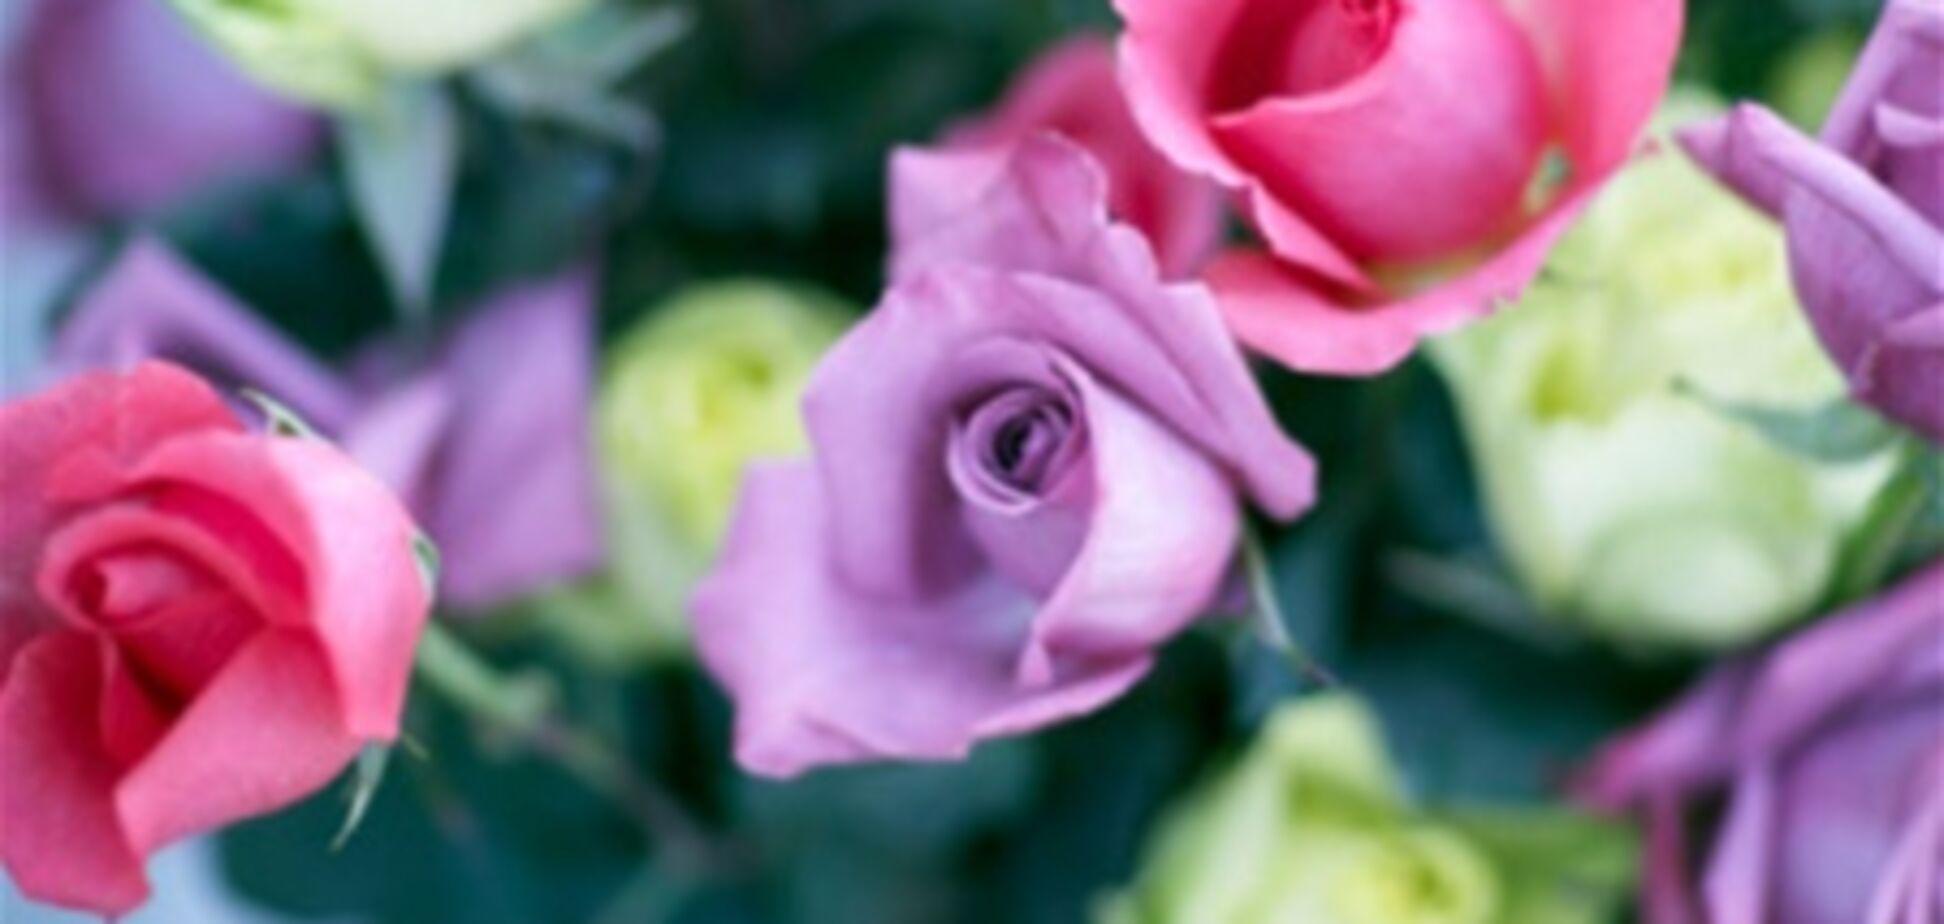 Аромат роз поможет похудеть